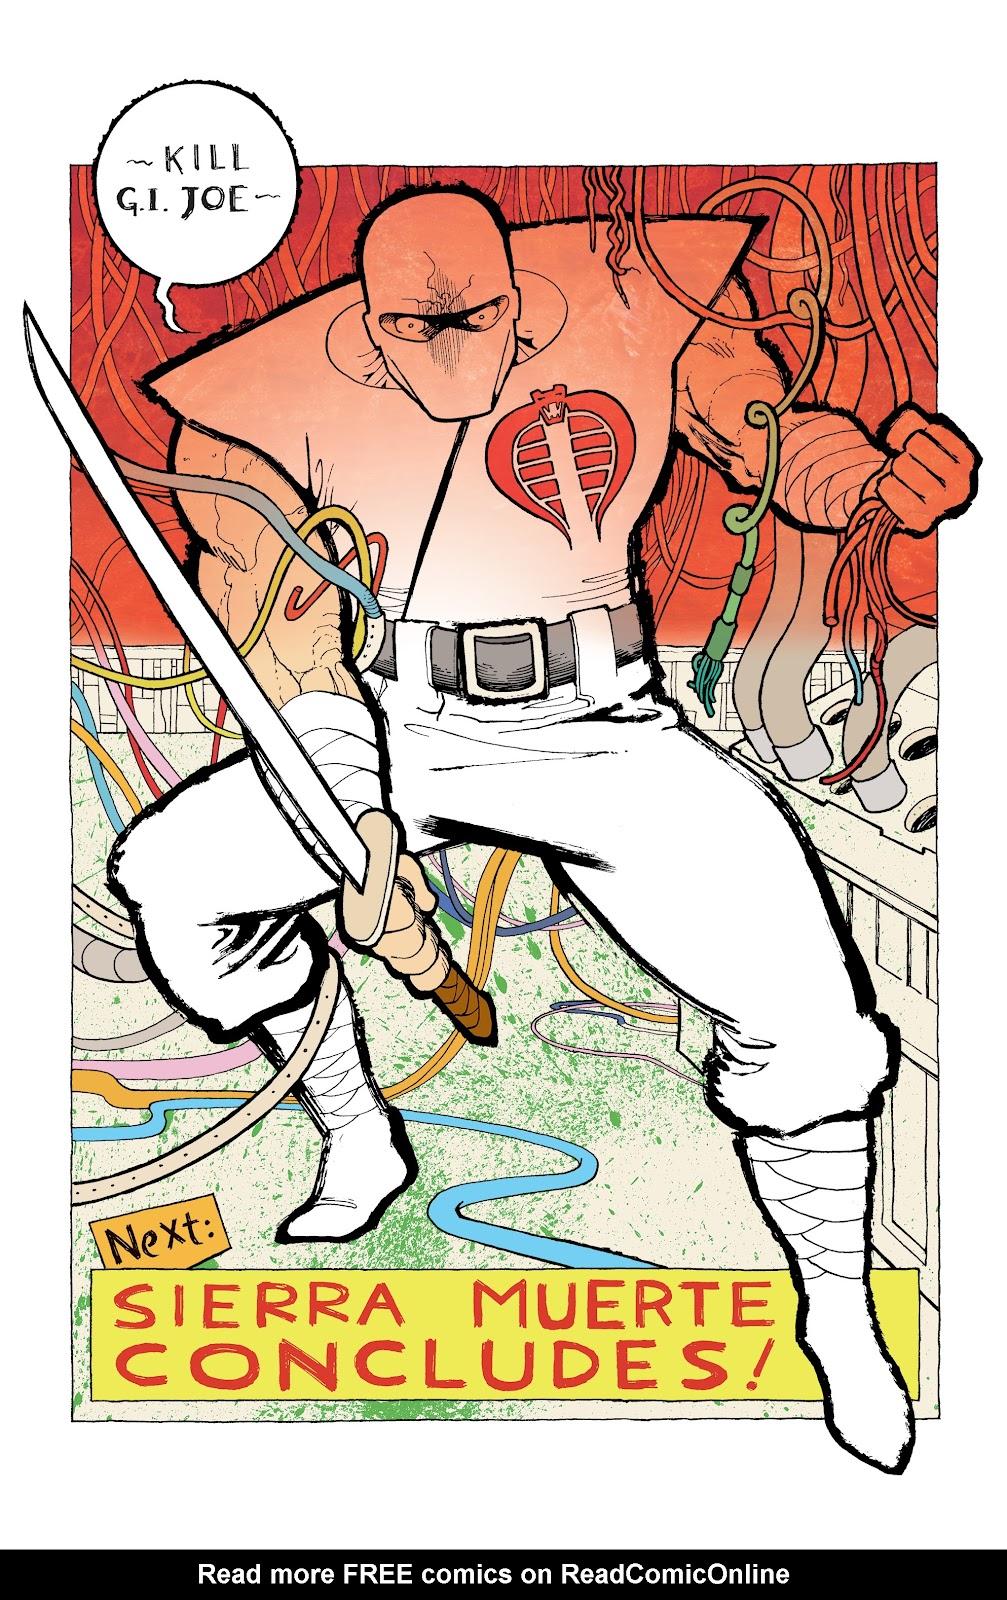 Read online G.I. Joe: Sierra Muerte comic -  Issue #2 - 26